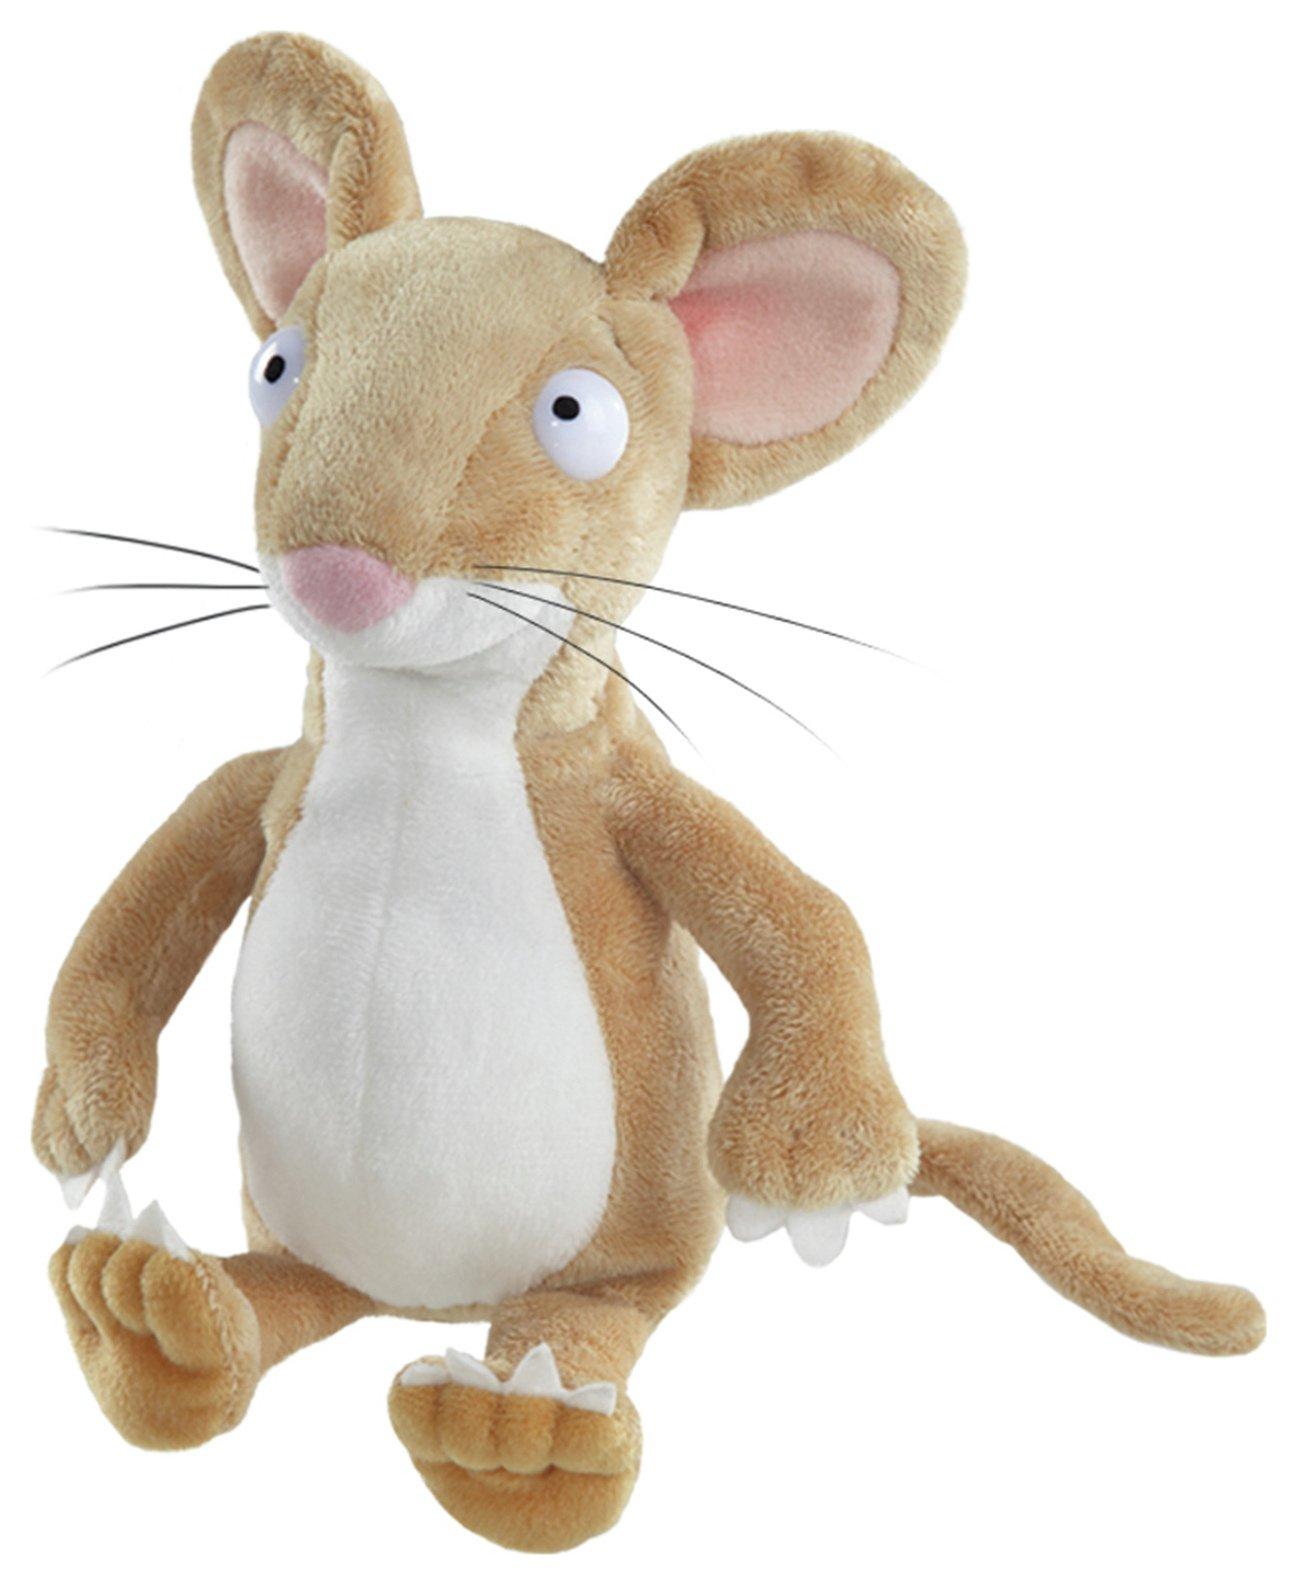 Image of Aurora 16 inch Plush Gruffalo Mouse.